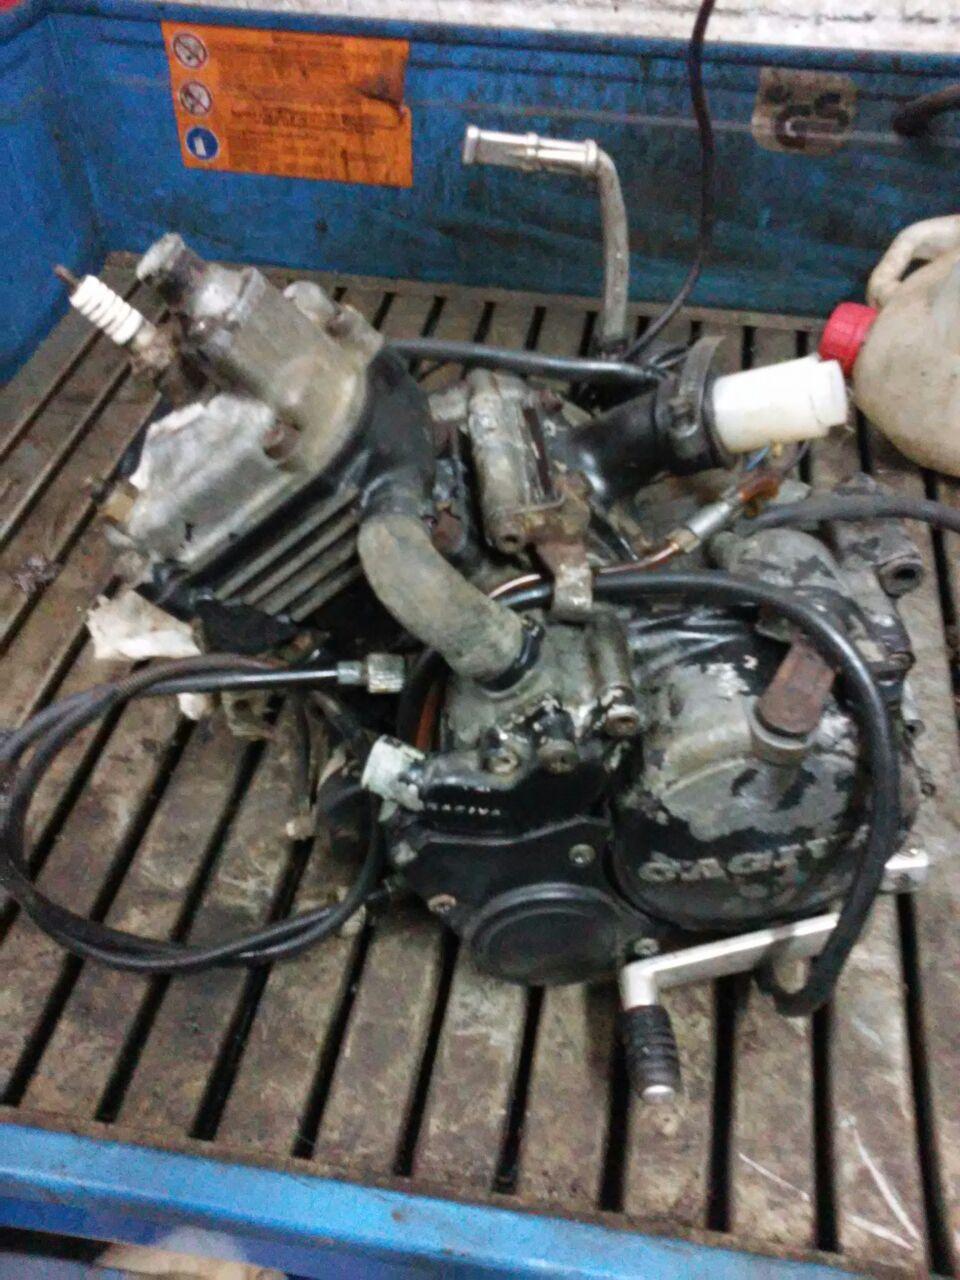 GasGas Enducross con motor de Cagiva 75 cc N1911